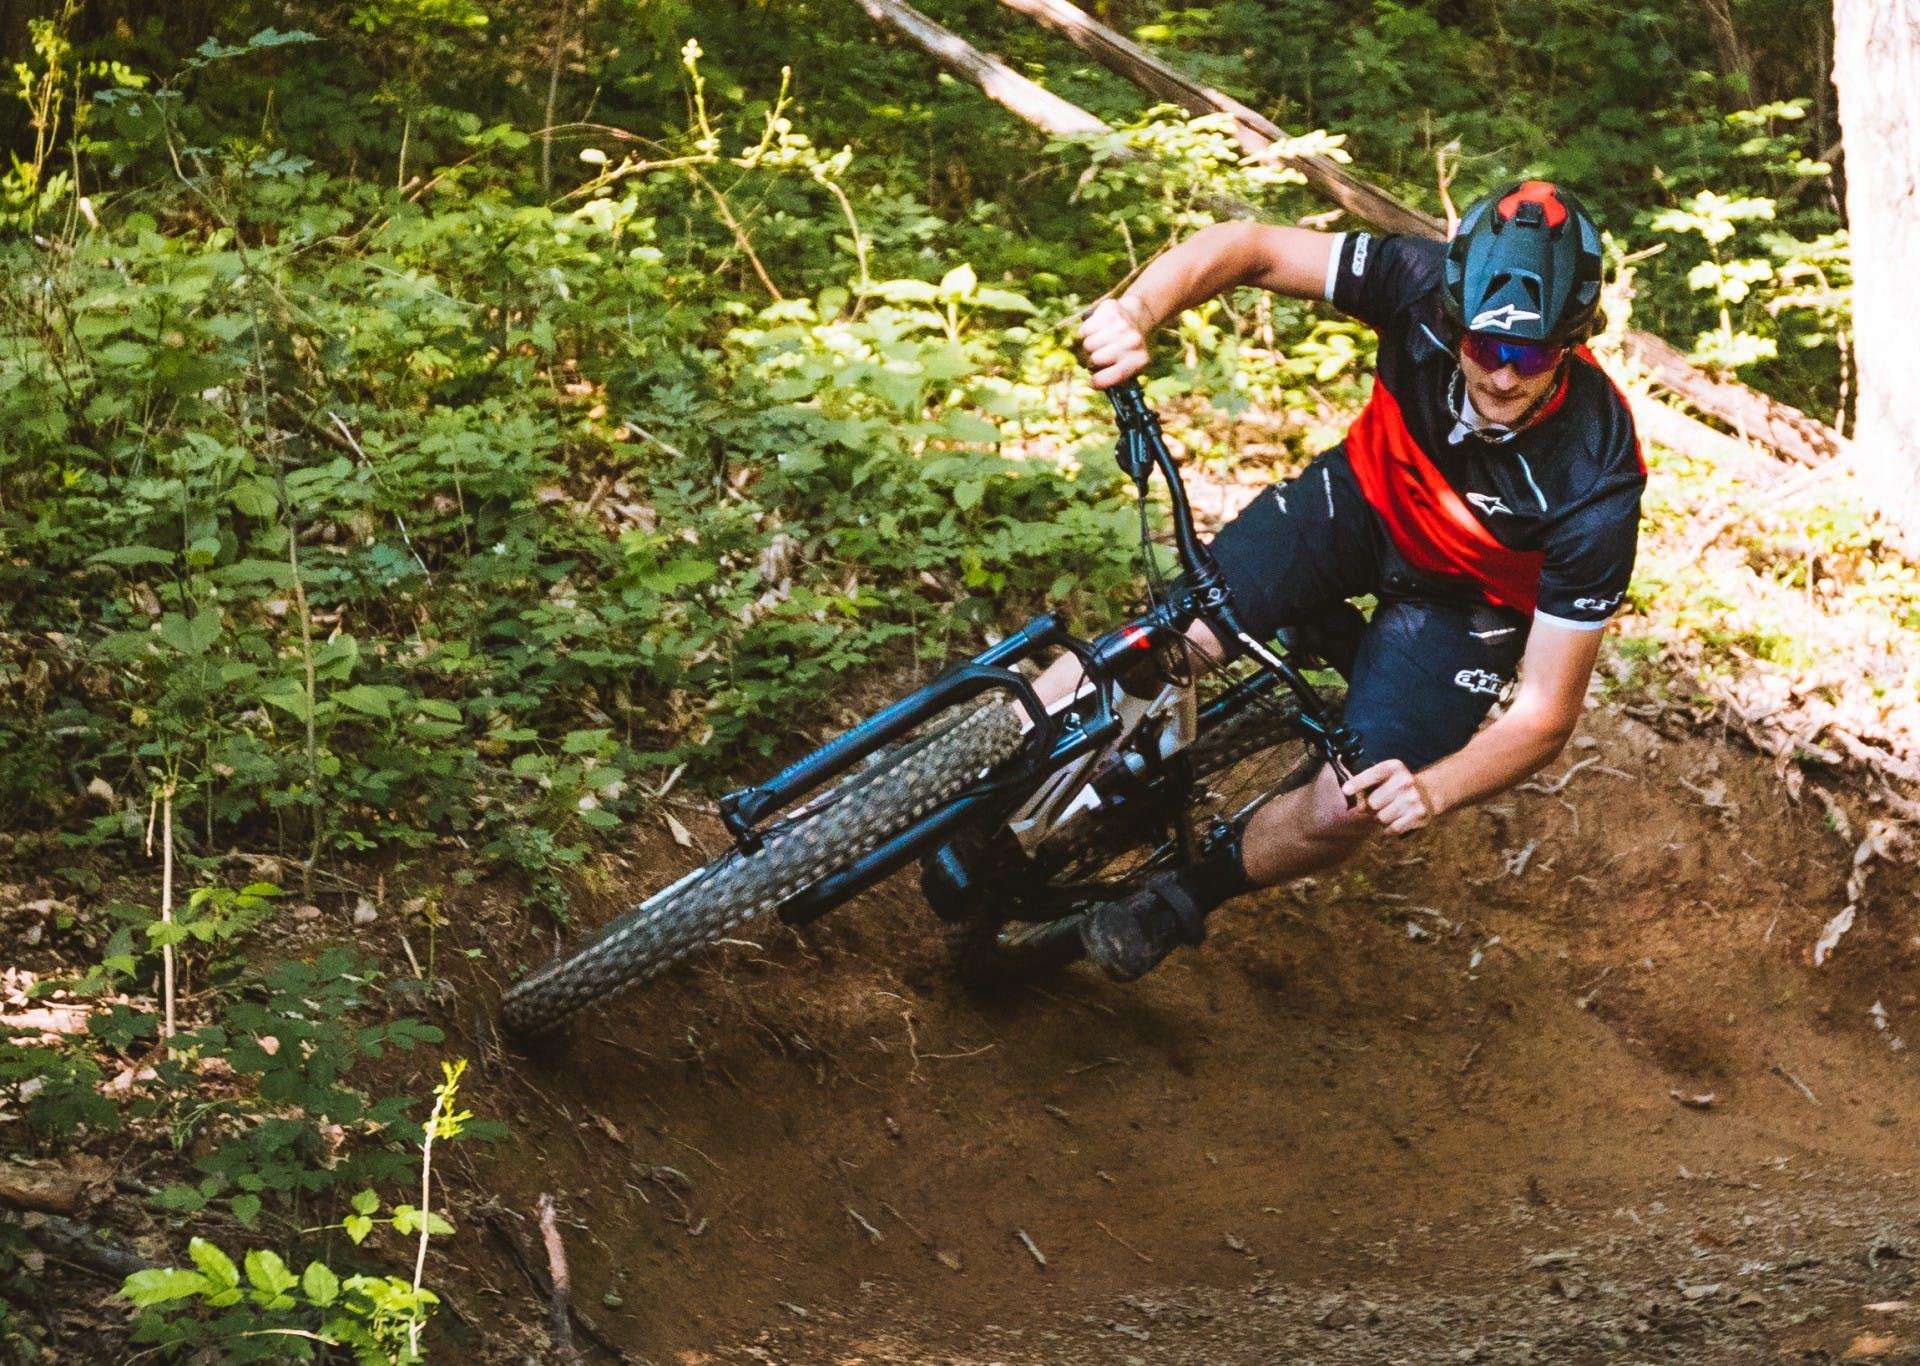 e-bike thok mig 2.0 in curva nel bosco